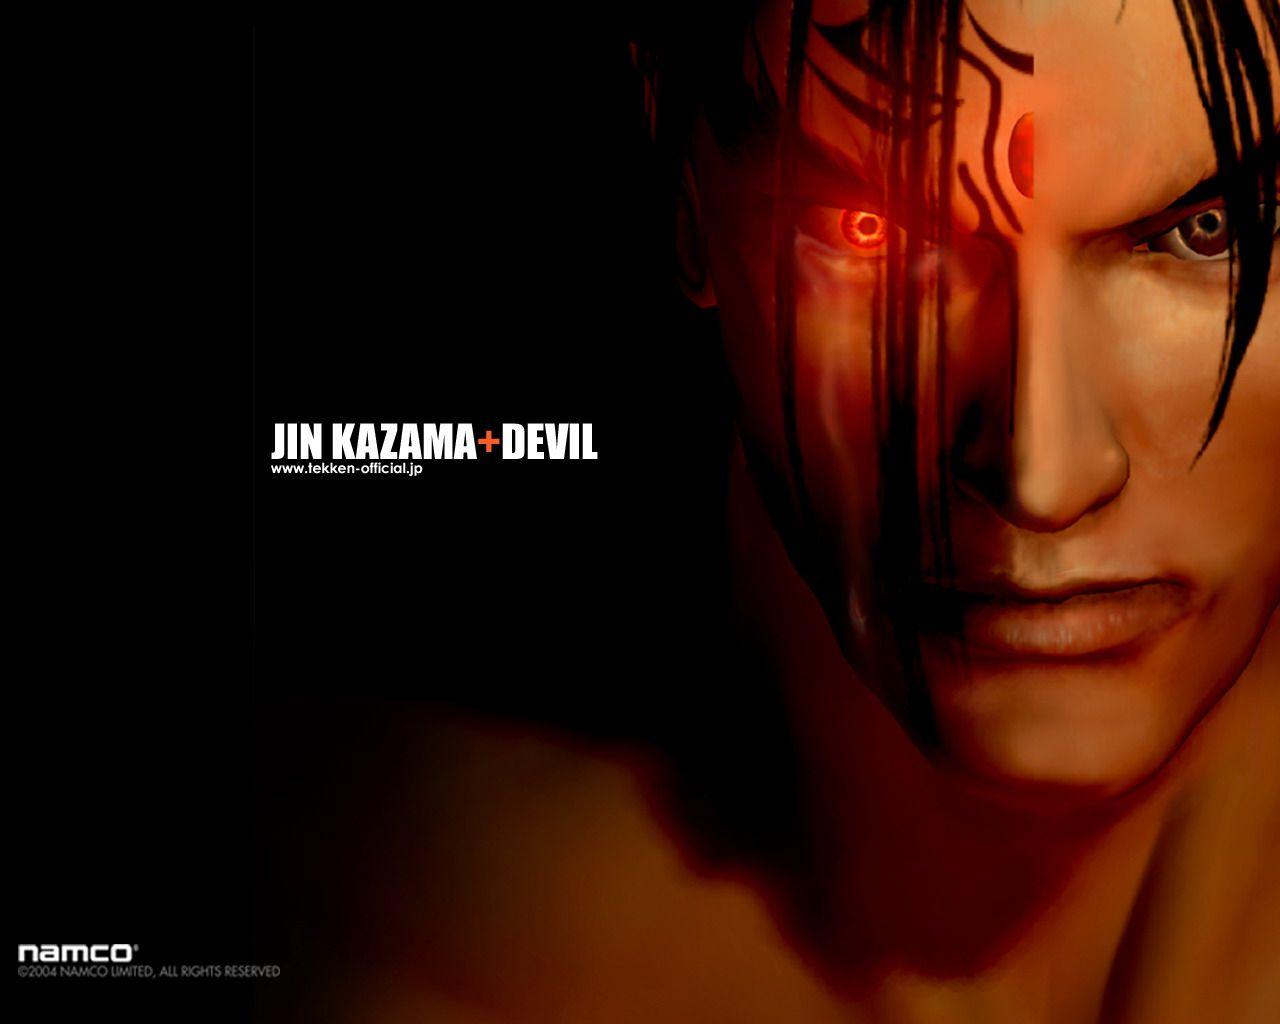 Jin Kazama Devil Video Games Jin Kazama Devil Wallpaper